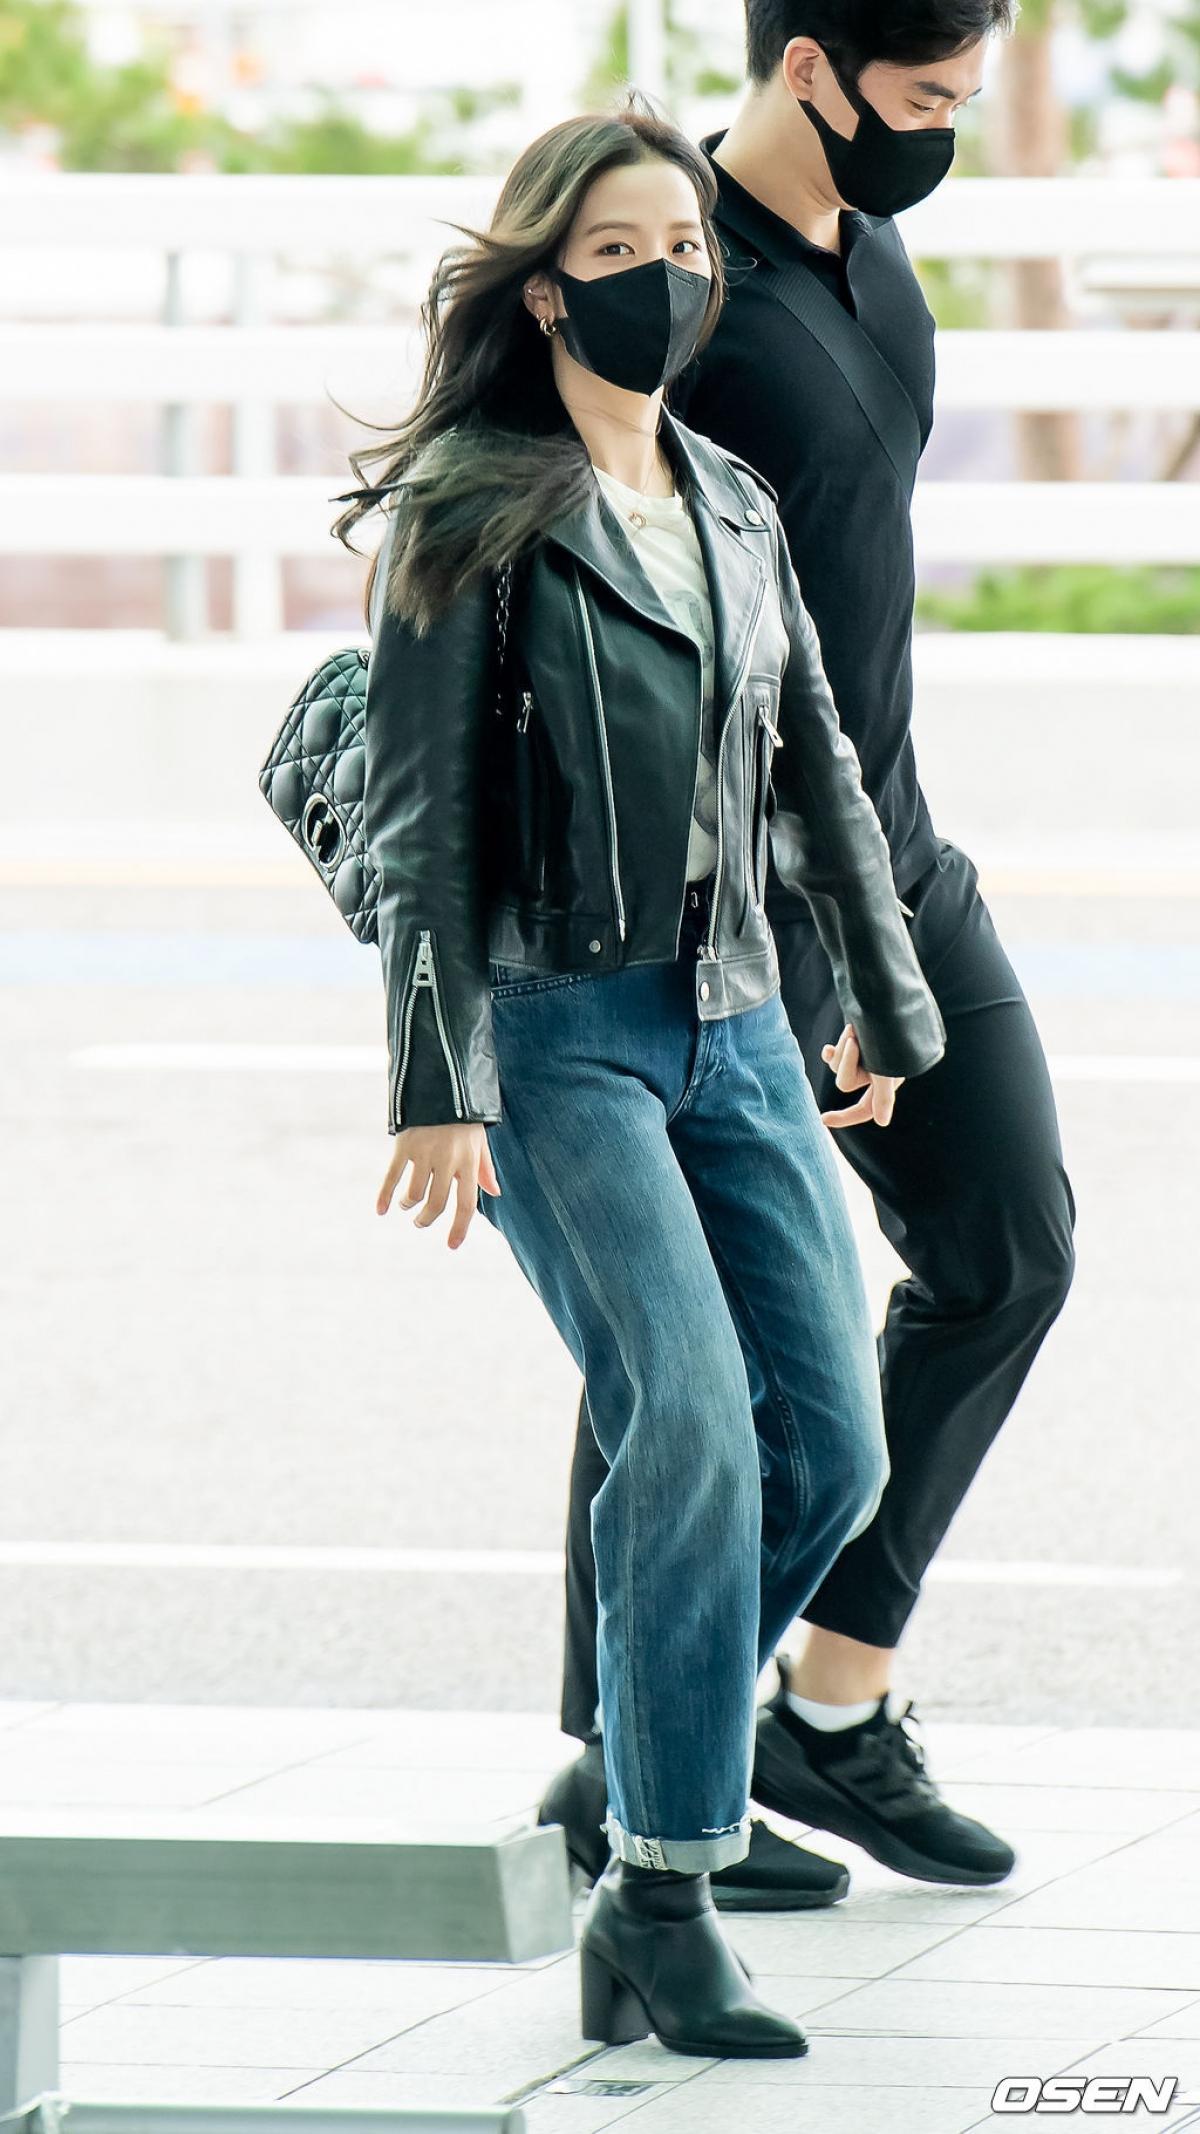 Trong khi đó, Jisoo có phần giản dị hơn khi diện quần jeasn với áo khoác da.